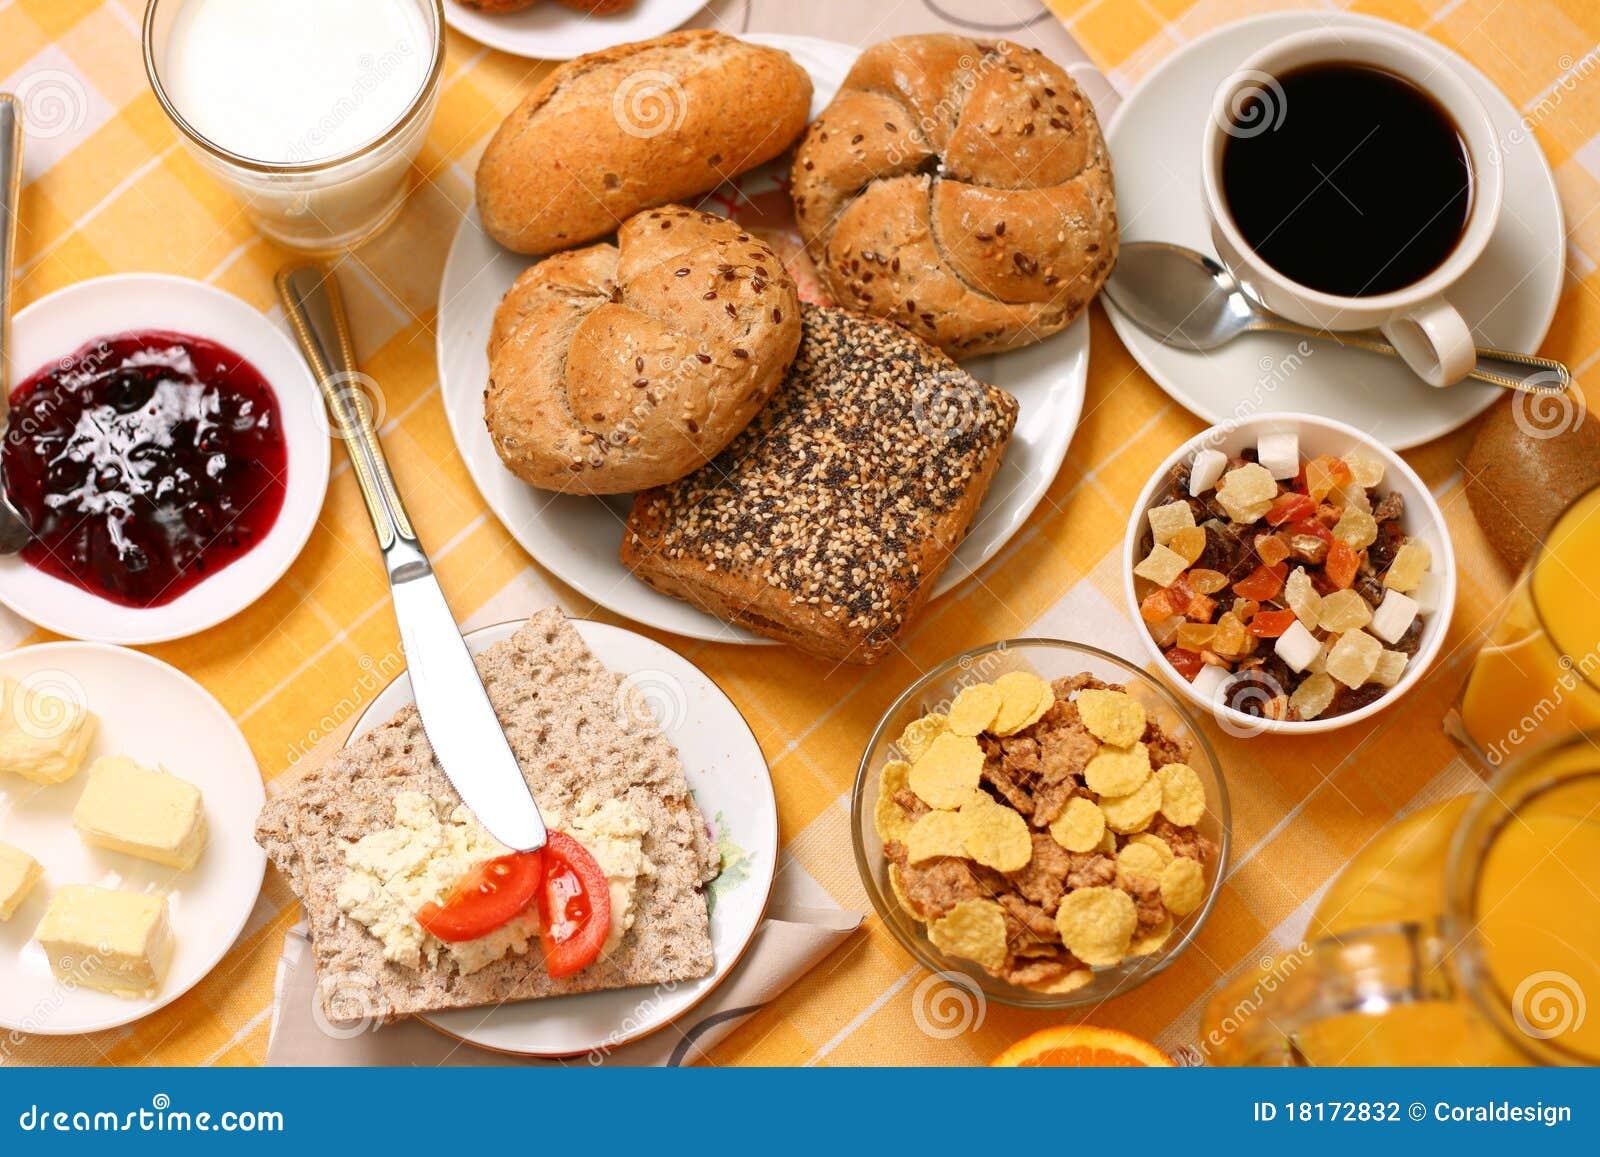 Что такое завтрак континентальный